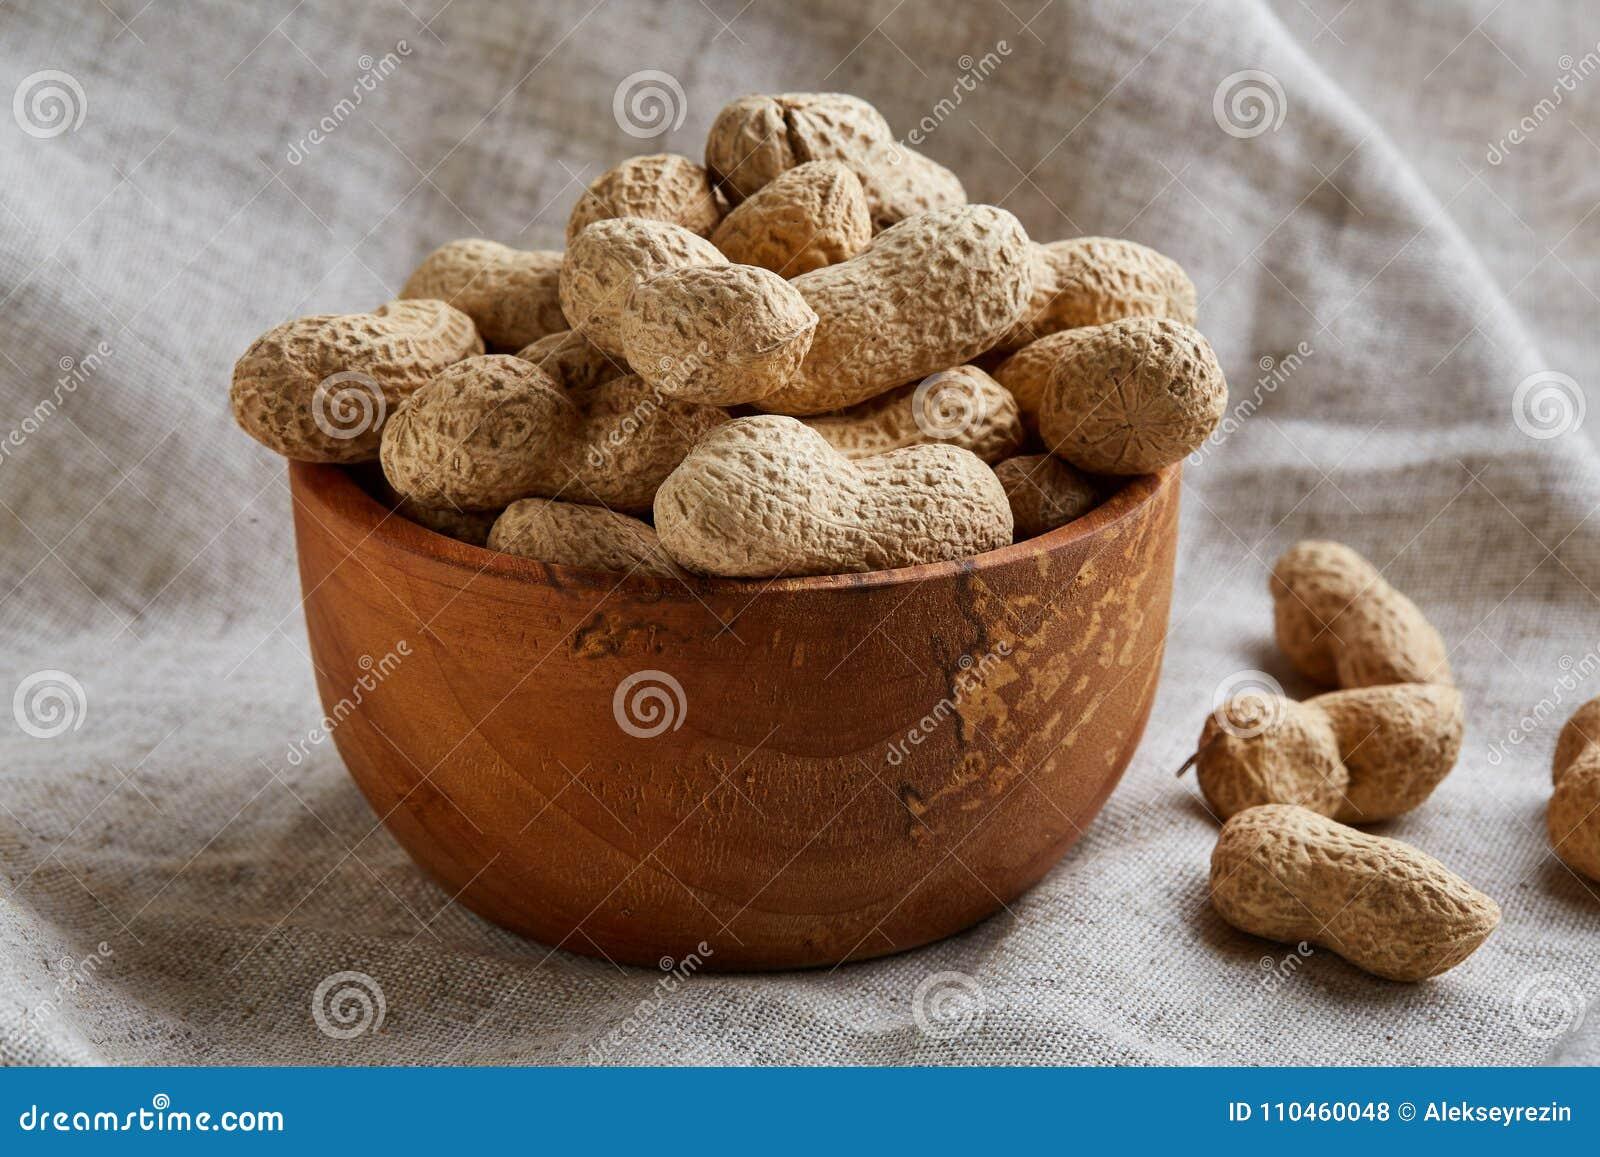 Unpeeled jordnötter i den keramiska bunkecloseupen, selektiv fokus